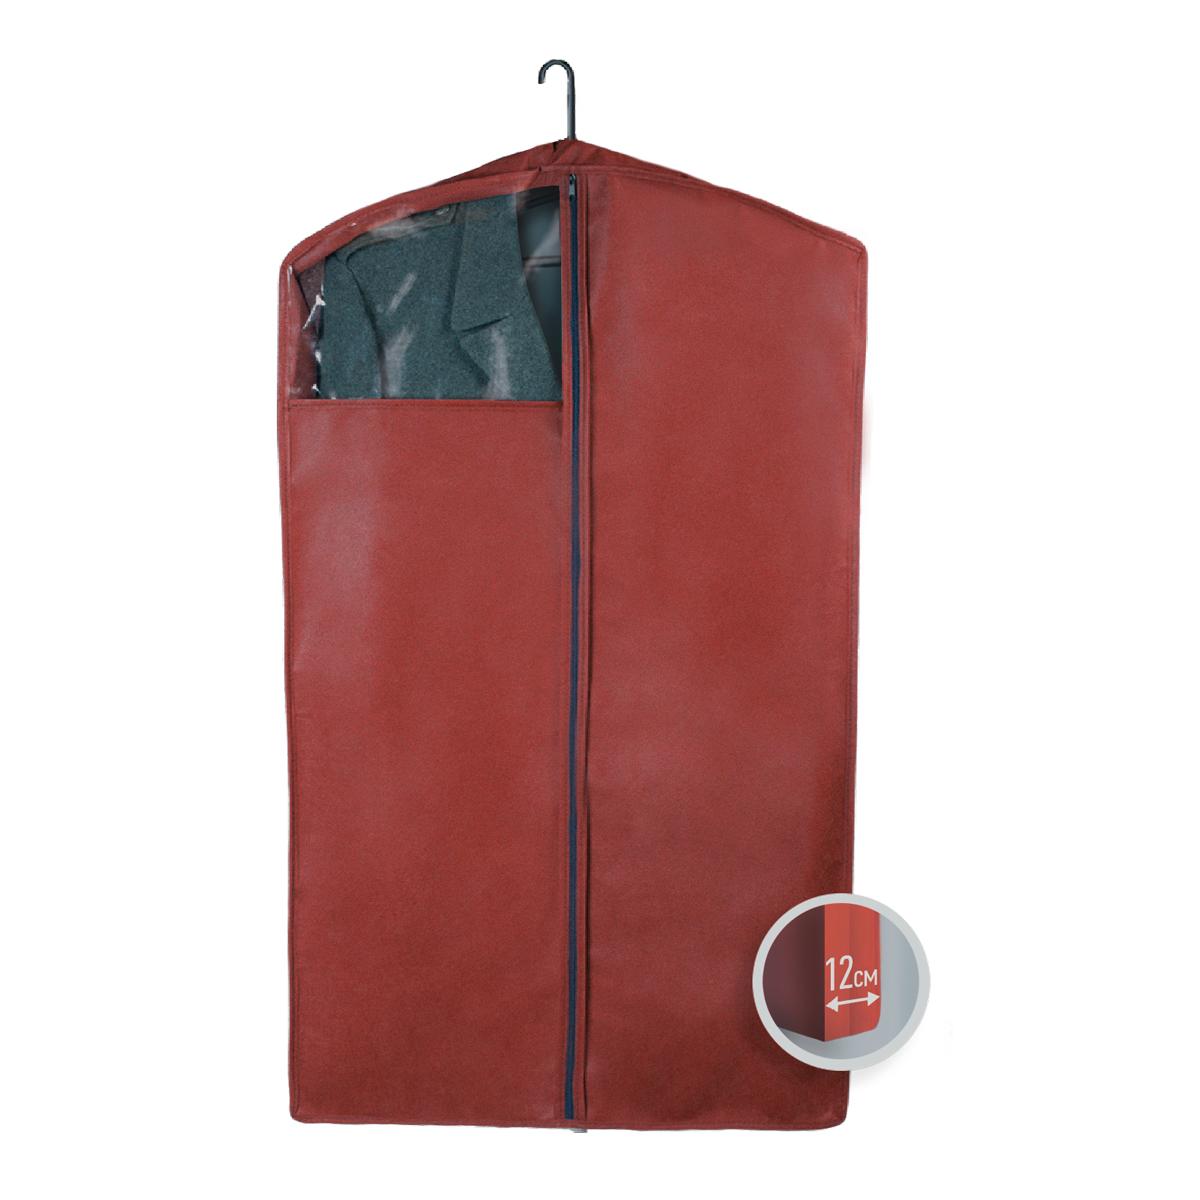 Чехол для верхней одежды Miolla, с окошком, цвет: бордовый, 100 х 60 х 12 см98299571Чехол для верхней одежды Miolla на застежке-молнии выполнен из высококачественного нетканого материала. Прозрачное полиэтиленовое окошко позволяет видеть содержимое чехла. Подходит для длительного хранения вещей.Чехол обеспечивает вашей одежде надежную защиту от влажности, повреждений и грязи при транспортировке, от запыления при хранении и проникновения моли. Чехол обладает водоотталкивающими свойствами, а также позволяет воздуху свободно поступать внутрь вещей, обеспечивая их кондиционирование. Это особенно важно при хранении кожаных и меховых изделий.Размер чехла: 100 х 60 х 12 см.